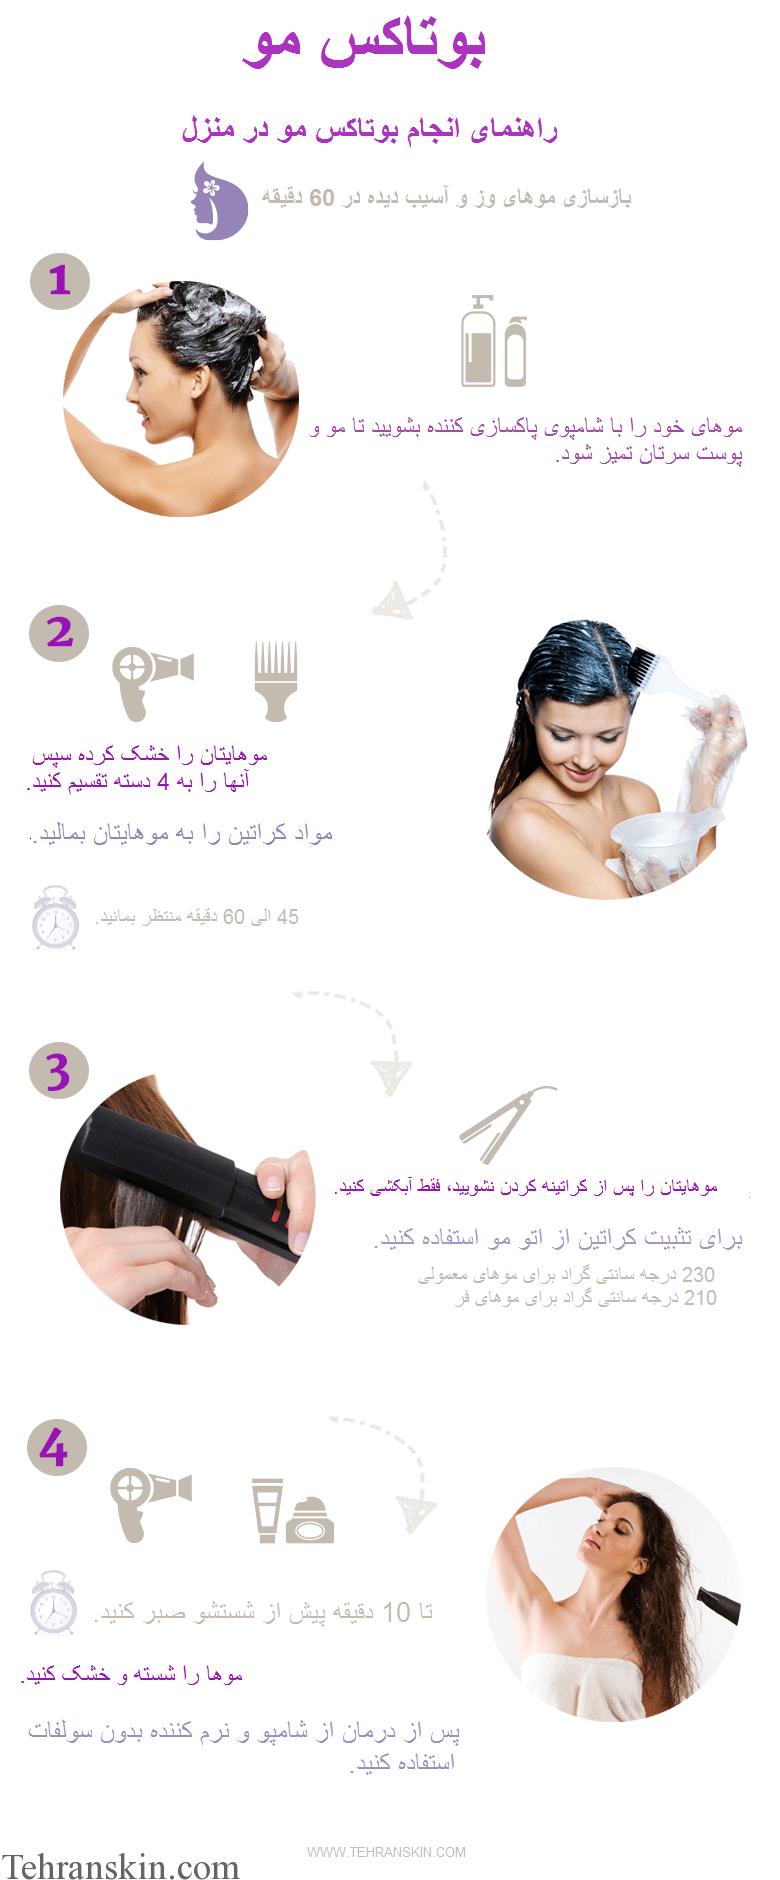 1 1 - بوتاکس مو چیست و بهترین محصولات بوتاکس مو کدامند؟ (بخش سوم)